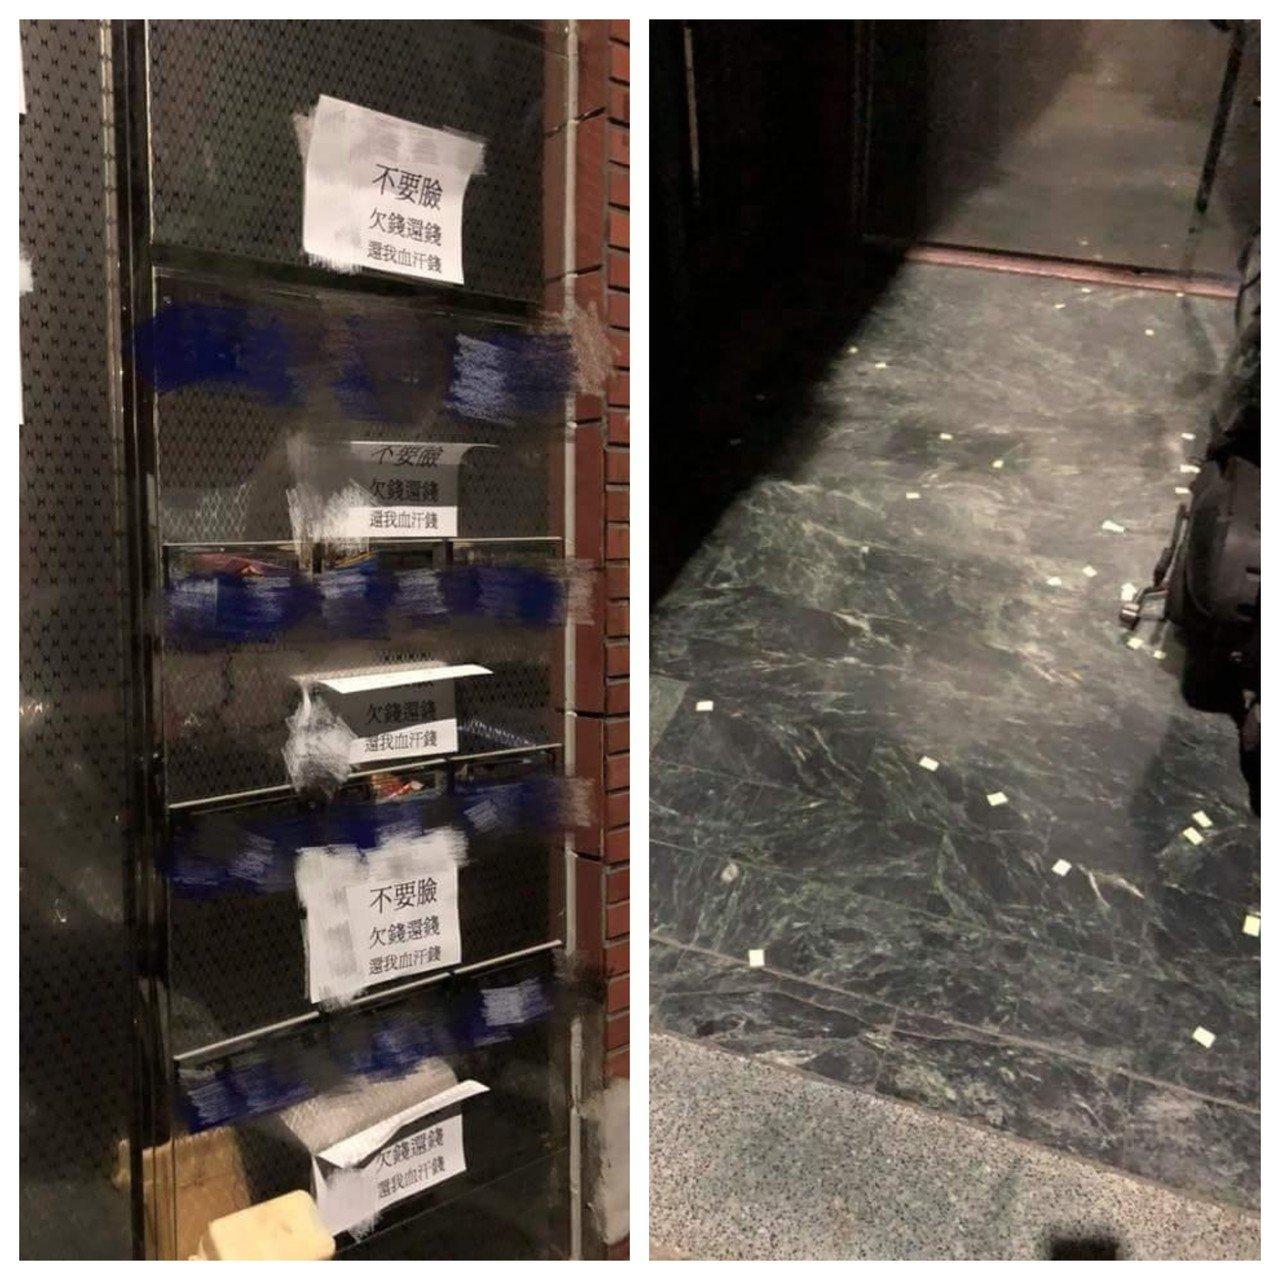 信箱上被貼滿討債傳單,地上也布滿一堆垃圾。圖擷自爆怨公社